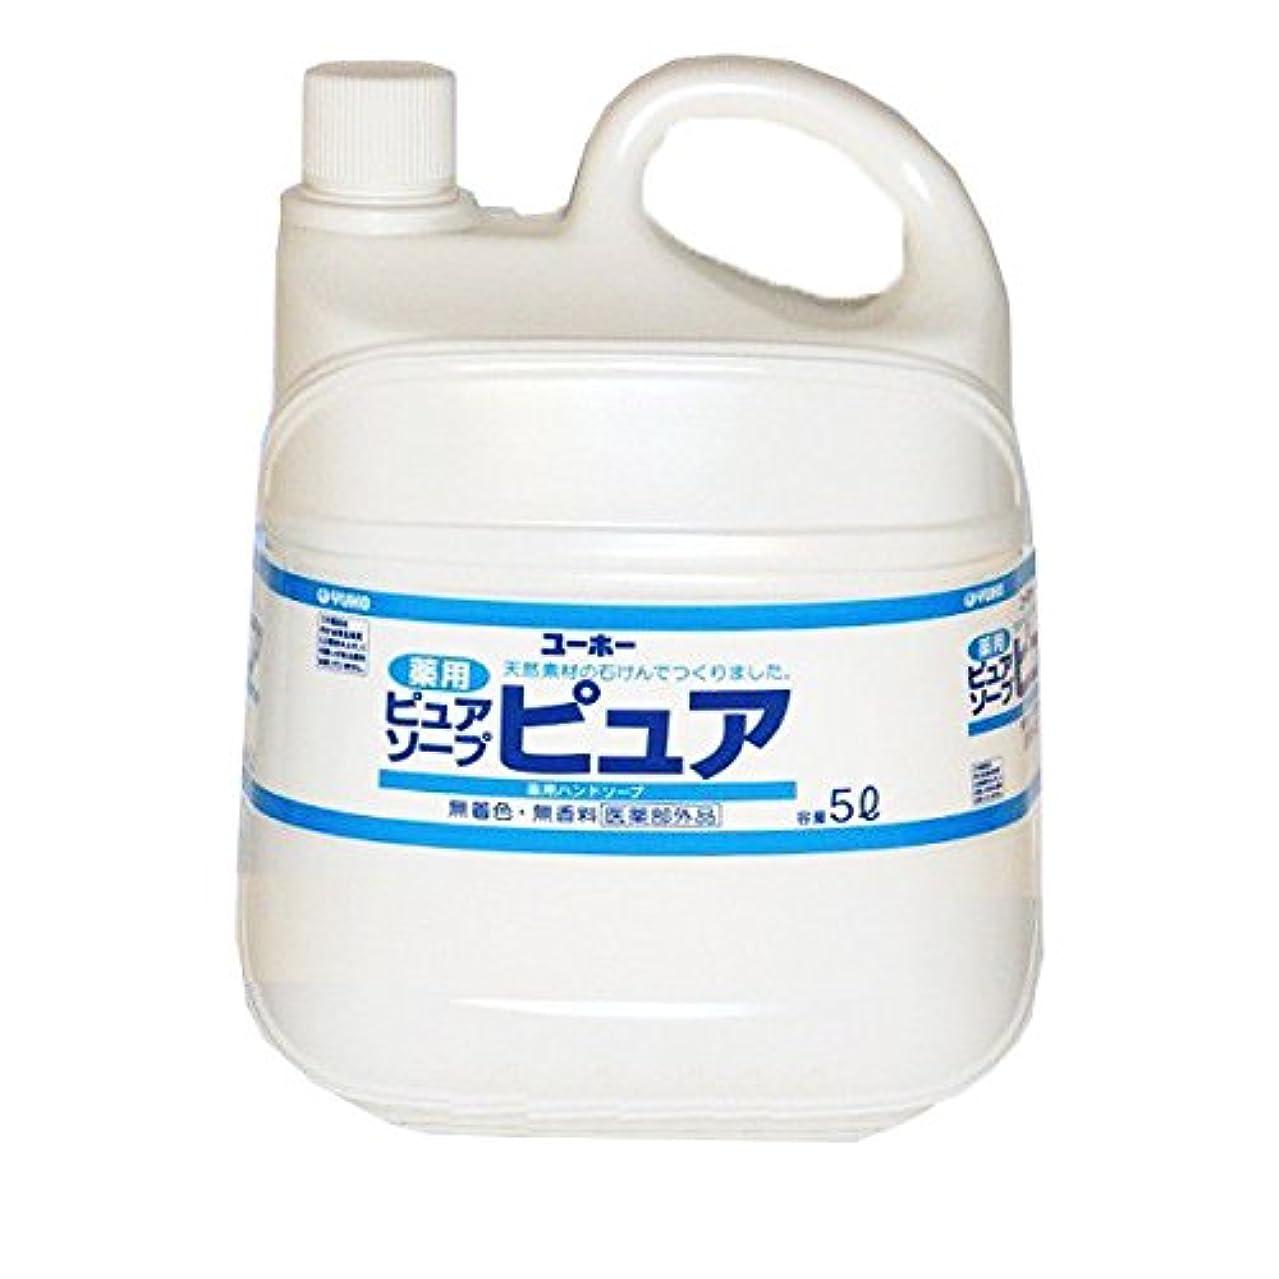 ささやき階下液体ユーホー薬用ピュアソープピュア 5L /0-6147-02